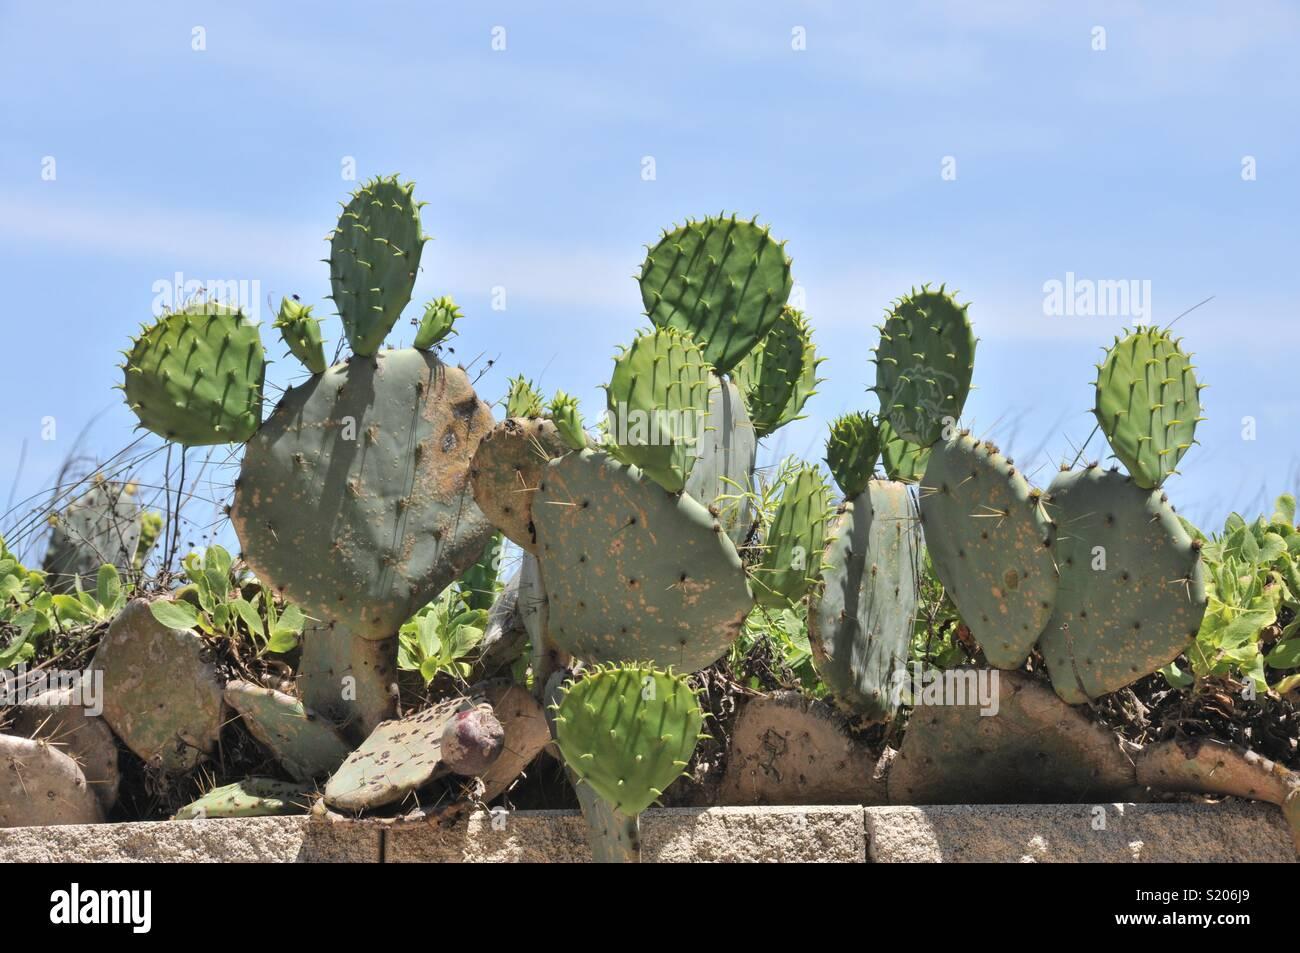 Cactus in Port Aransas, Texas. - Stock Image